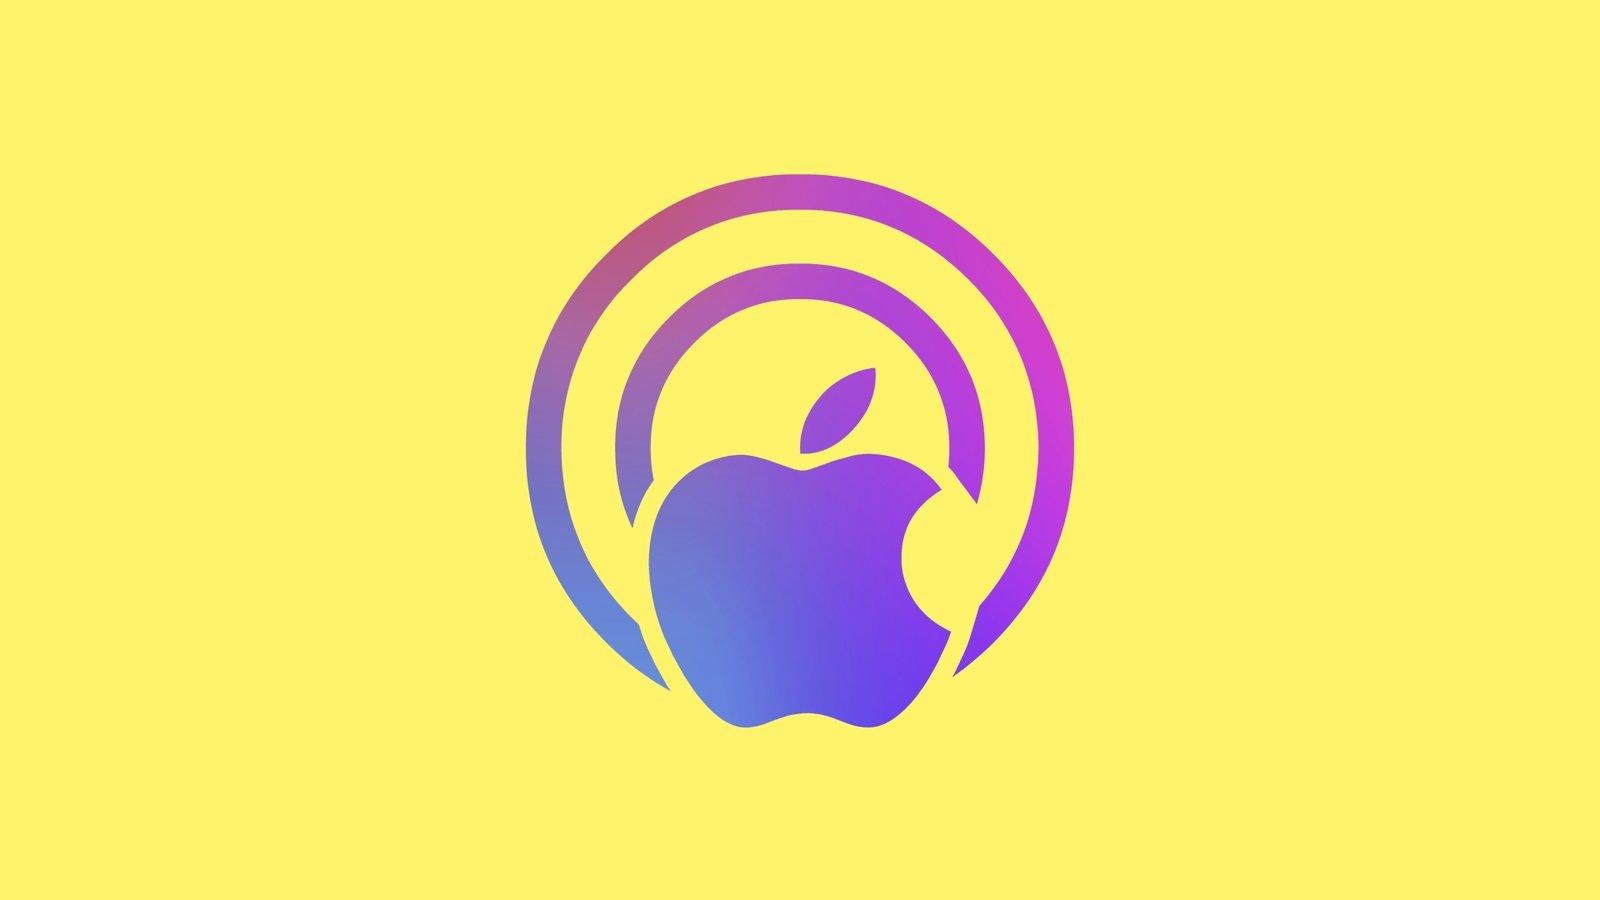 اپل با راهاندازی سرویس اشتراک پادکست اسپاتیفای را به چالش میکشد